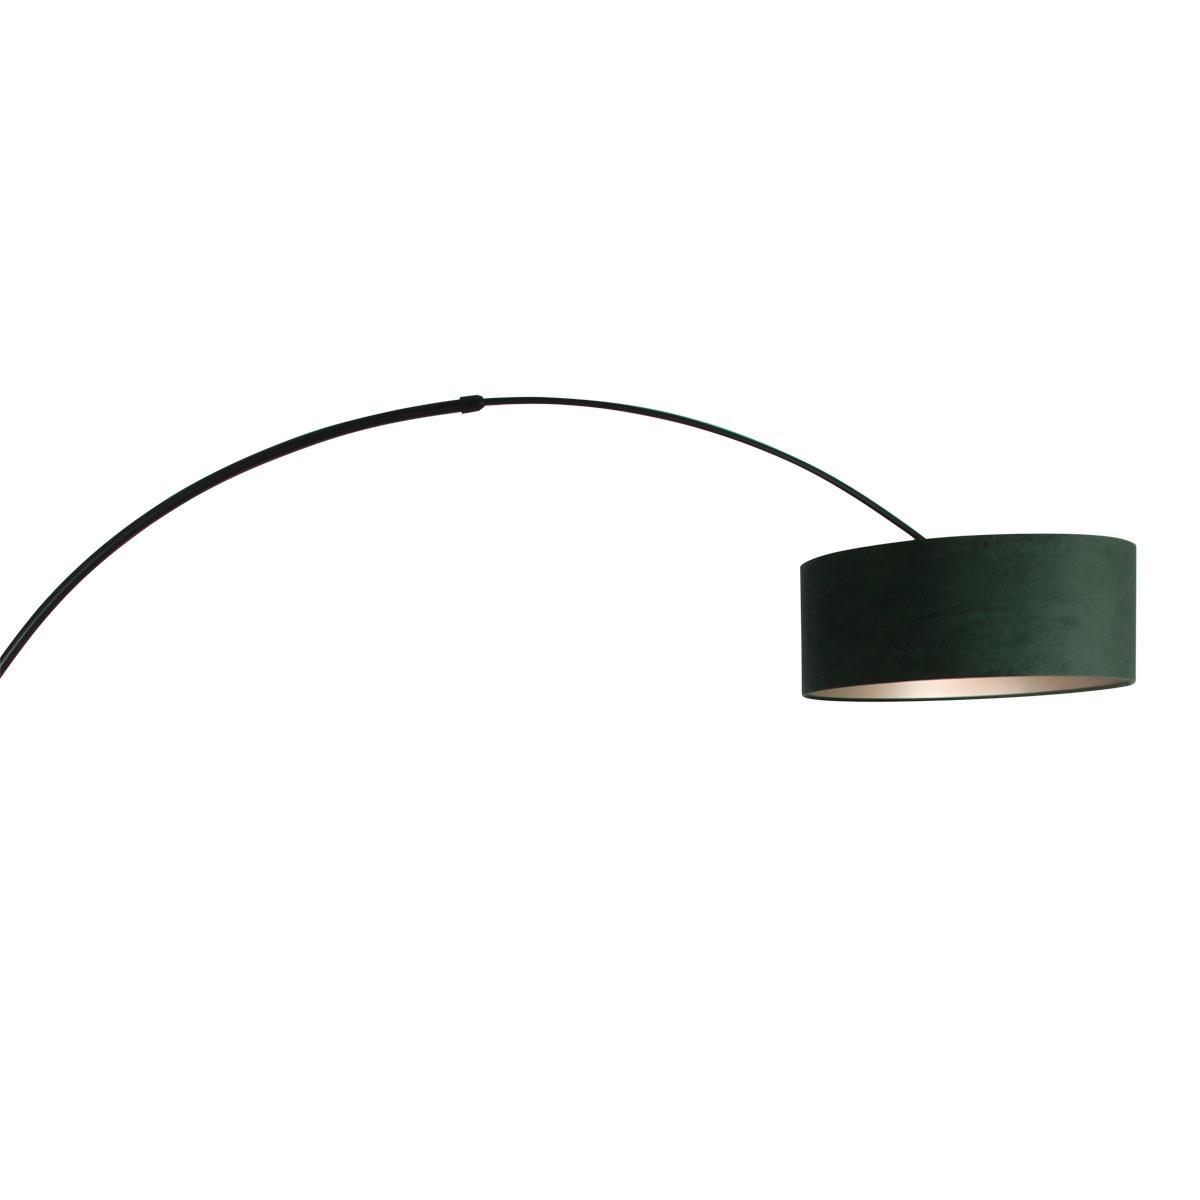 Steinhauer Vloerlamp Sparkled light 8127 zwart kap groene velours